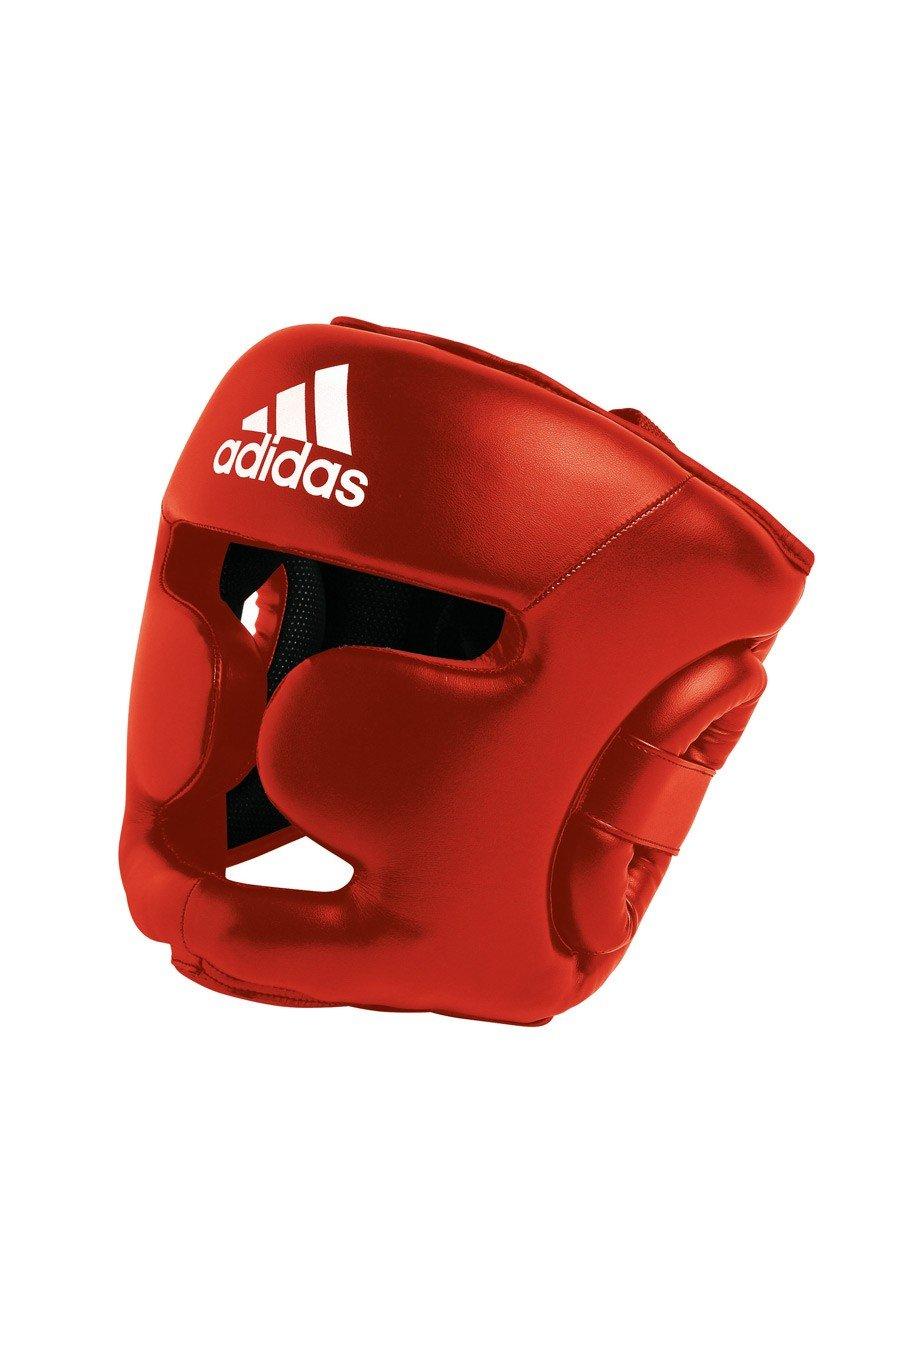 見事な Adidas B009R5E62M Responseボクシングヘッドガード赤 Adidas Medium B009R5E62M, SAS:593c9ee4 --- a0267596.xsph.ru